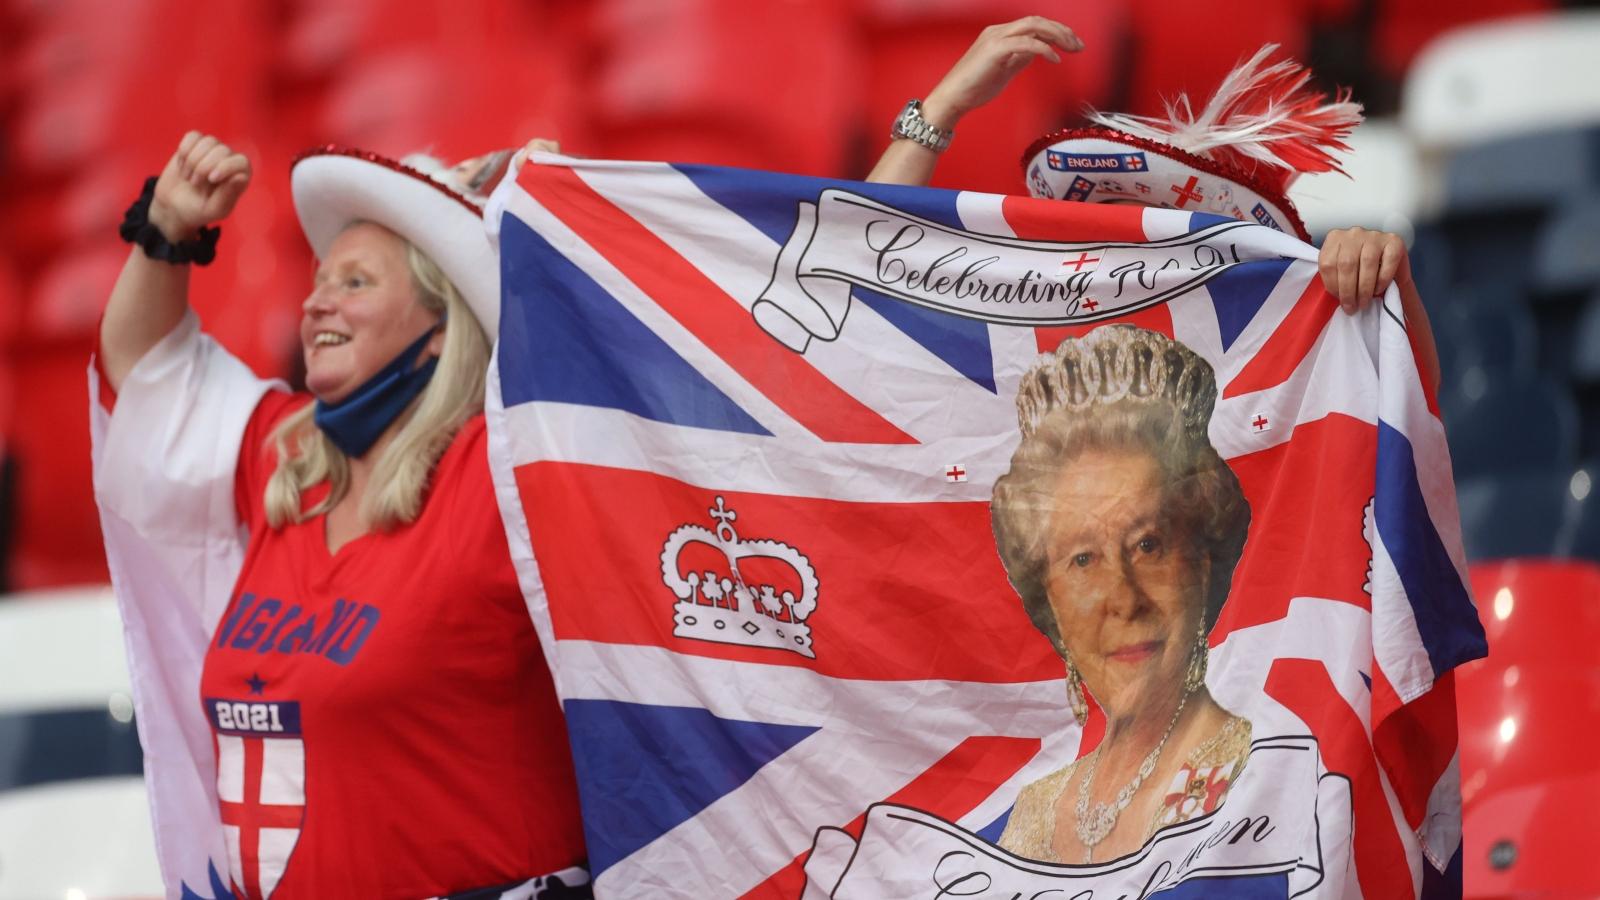 TRỰC TIẾP ĐT Anh 0-0 Scotland: Huynh đệ tương tàn